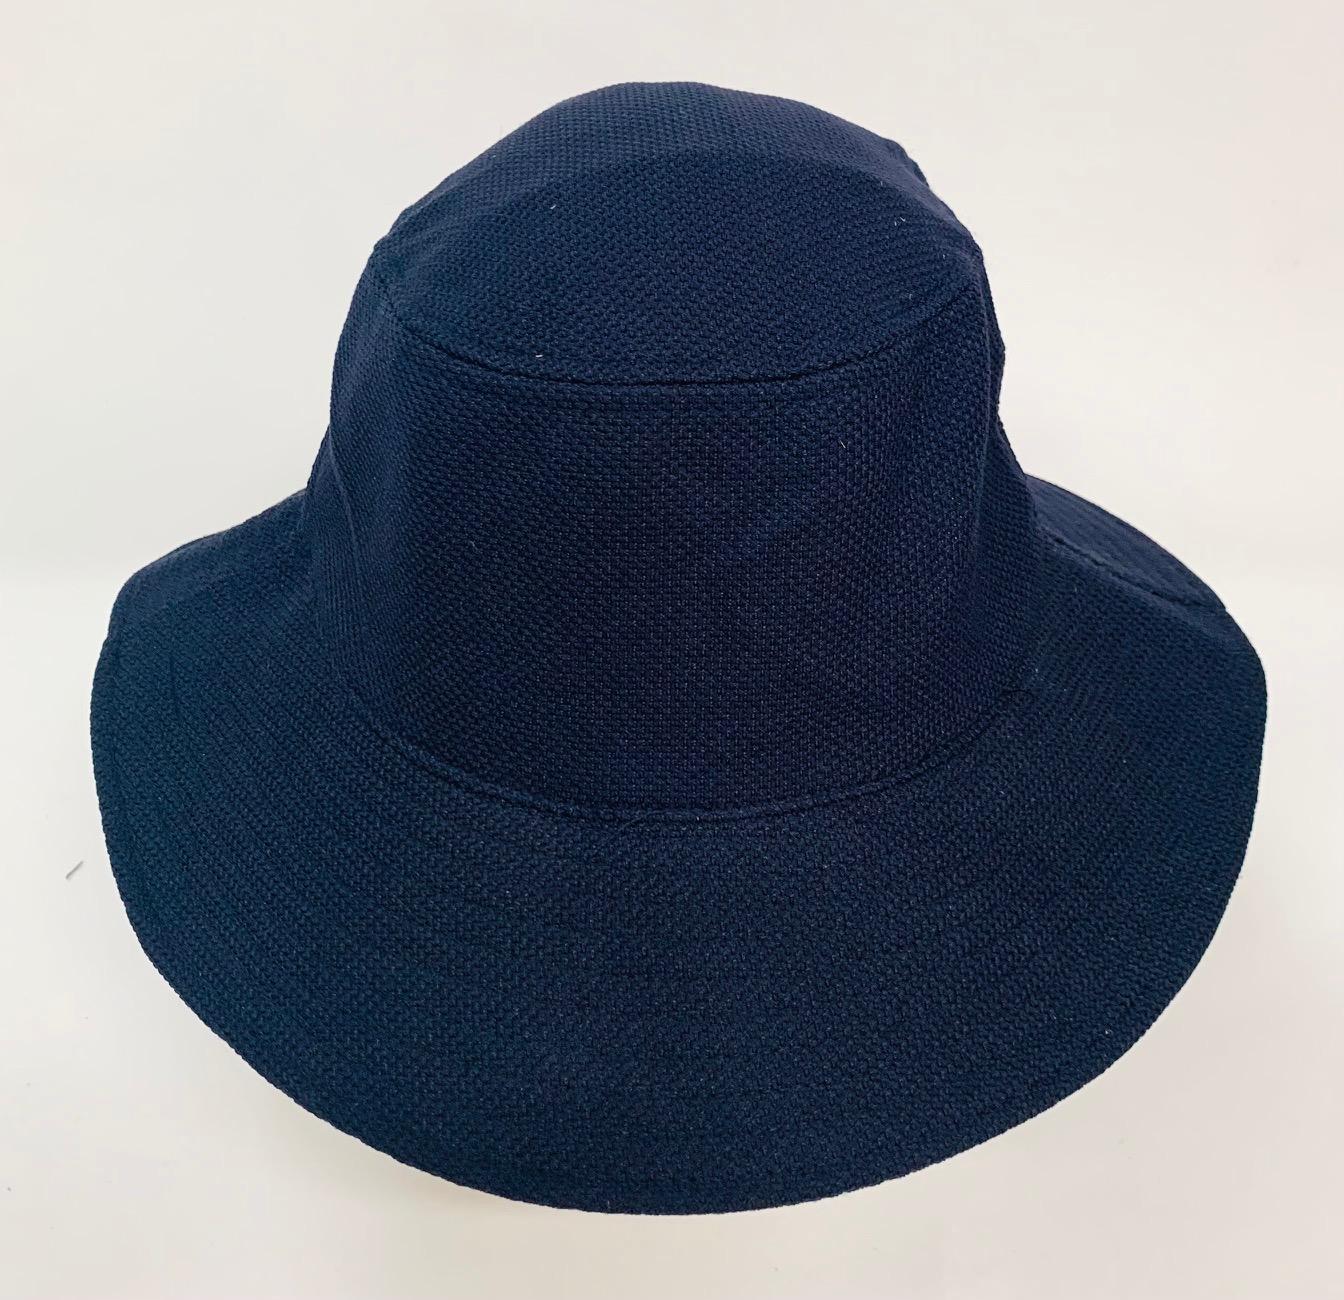 Стильная летняя панама глубокого синего цвета